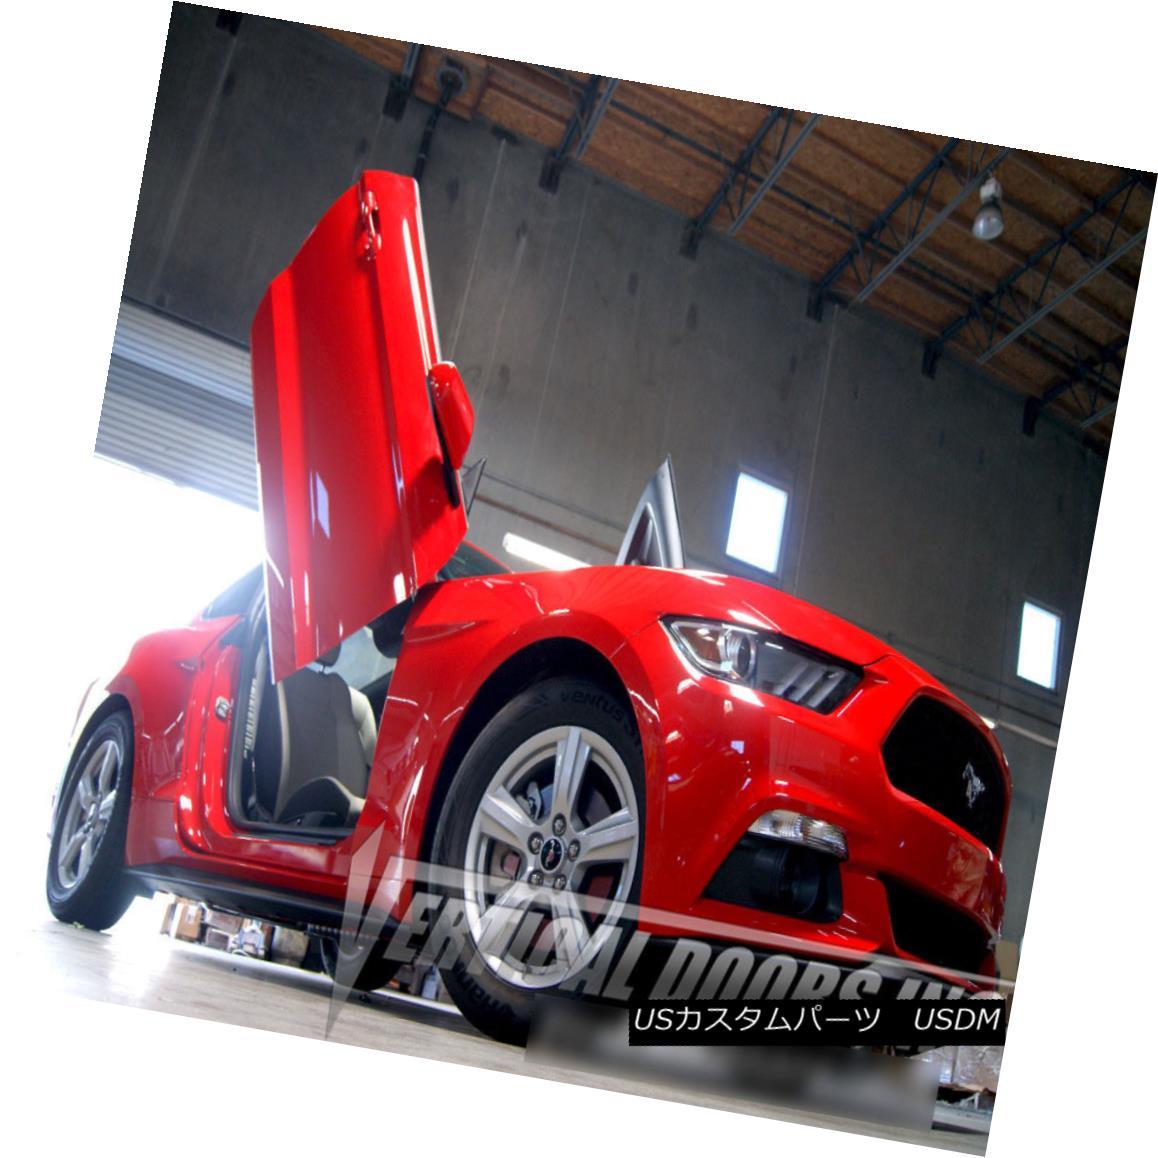 【50%OFF】 ガルウィングキット Vertical Doors Inc Bolt On Lambo Door Kits for Ford Mustang 2015-2016 フォードマスタング2015-2016のためのランボルギーナドアのボルトの垂直ドアIncのボルト, jsparadise a34c286e